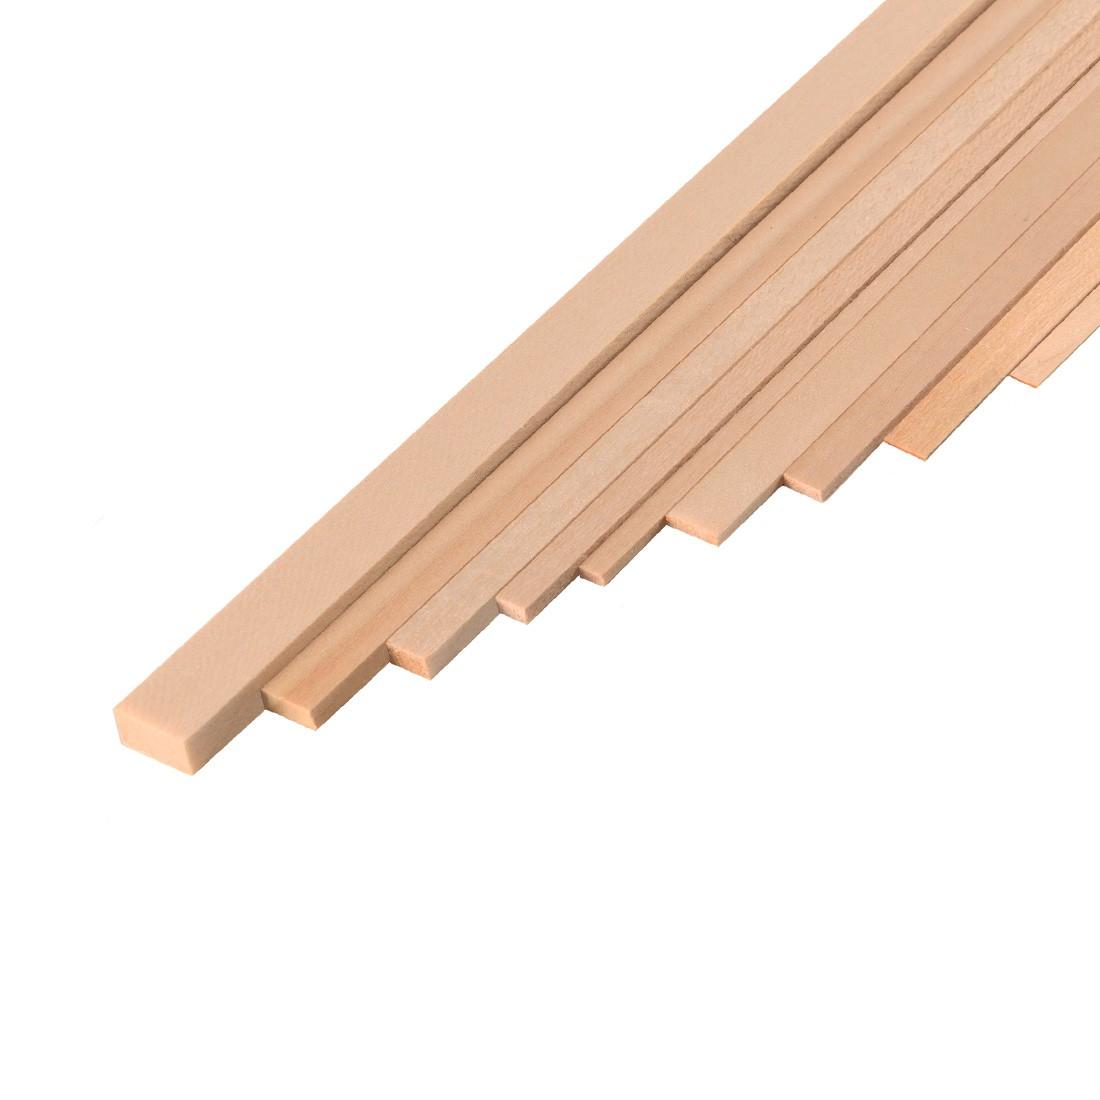 Tira de madera de leña 0,5x3